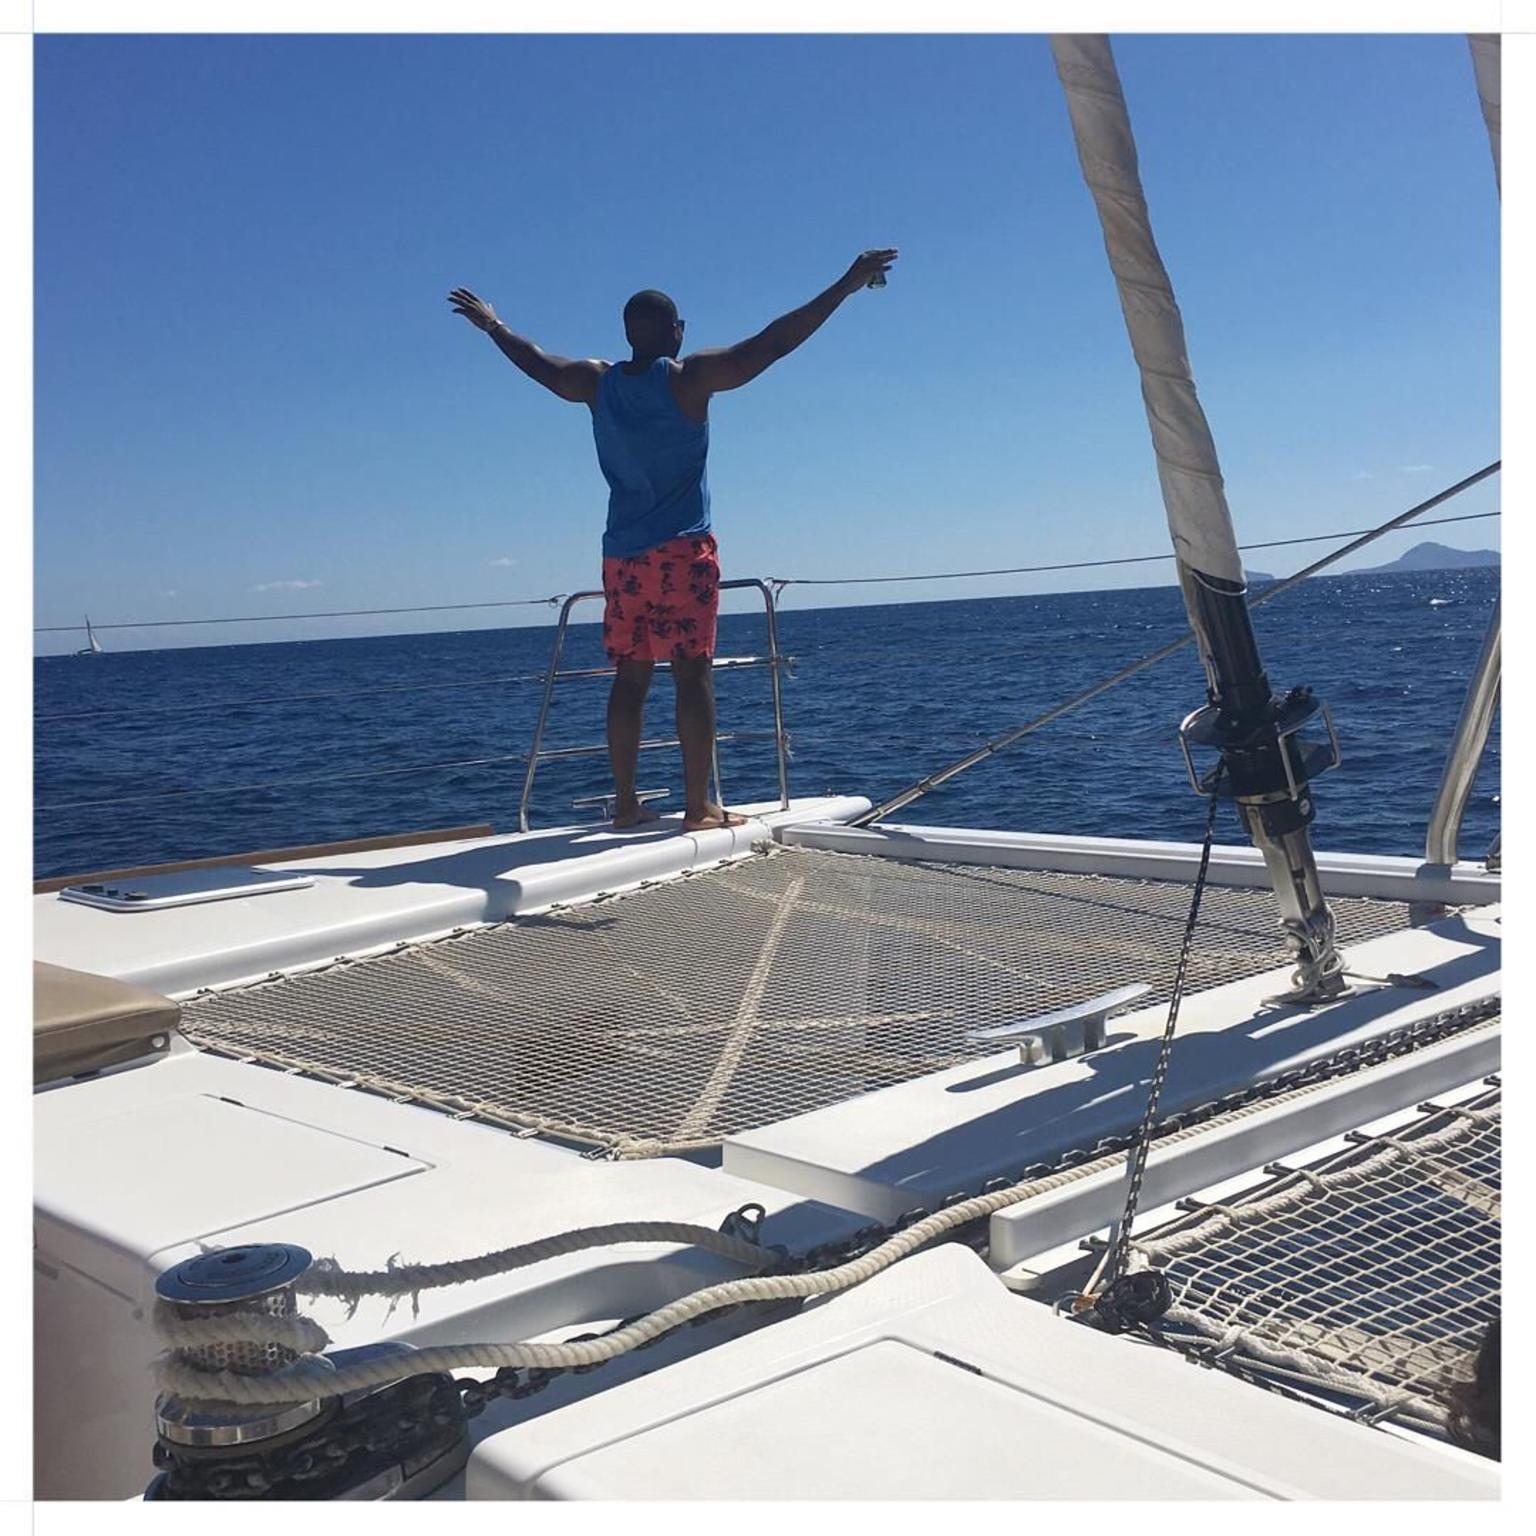 MAIS FOTOS, Cruzeiro em catamarã de luxo em Santorini ao pôr do sol, com churrasco e drinques